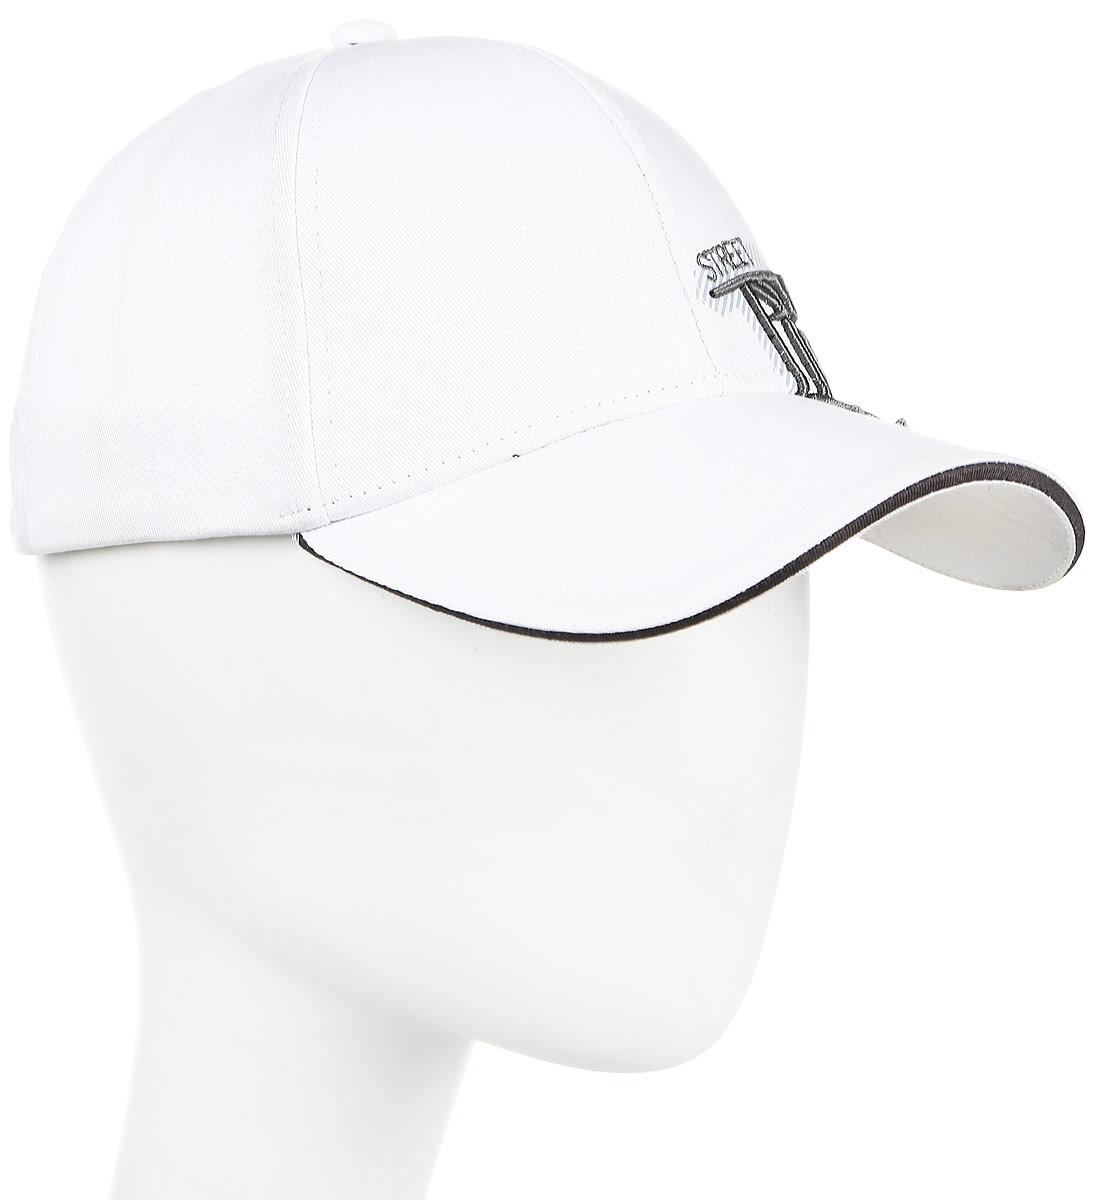 Бейсболка муж Imojo, цвет: белый. BY131050. Размер 57/59BY131050Модная, стильная молодежная бейсболка